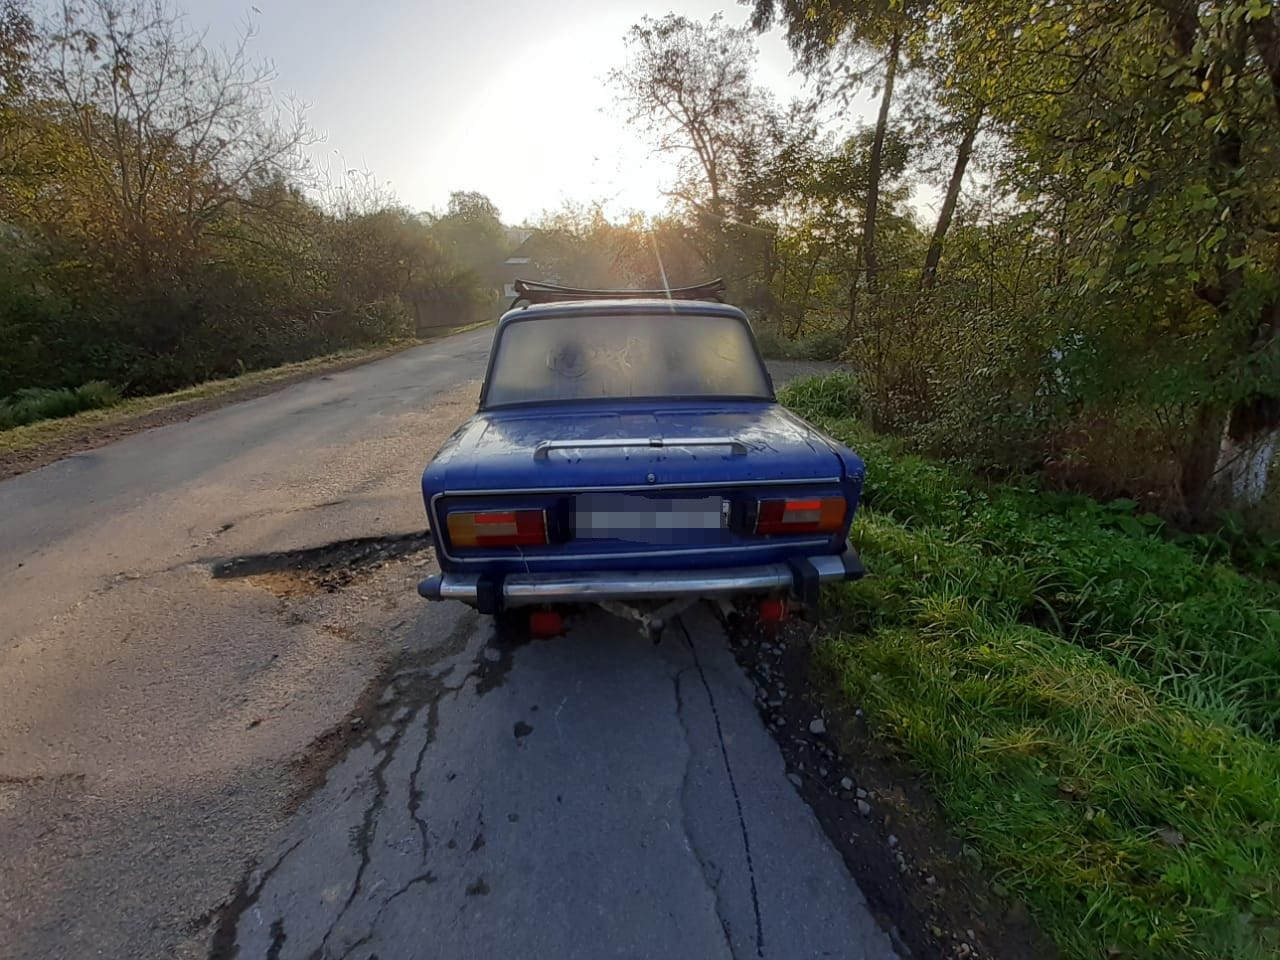 Викрадення автомобіля відбулося в селі Осій.